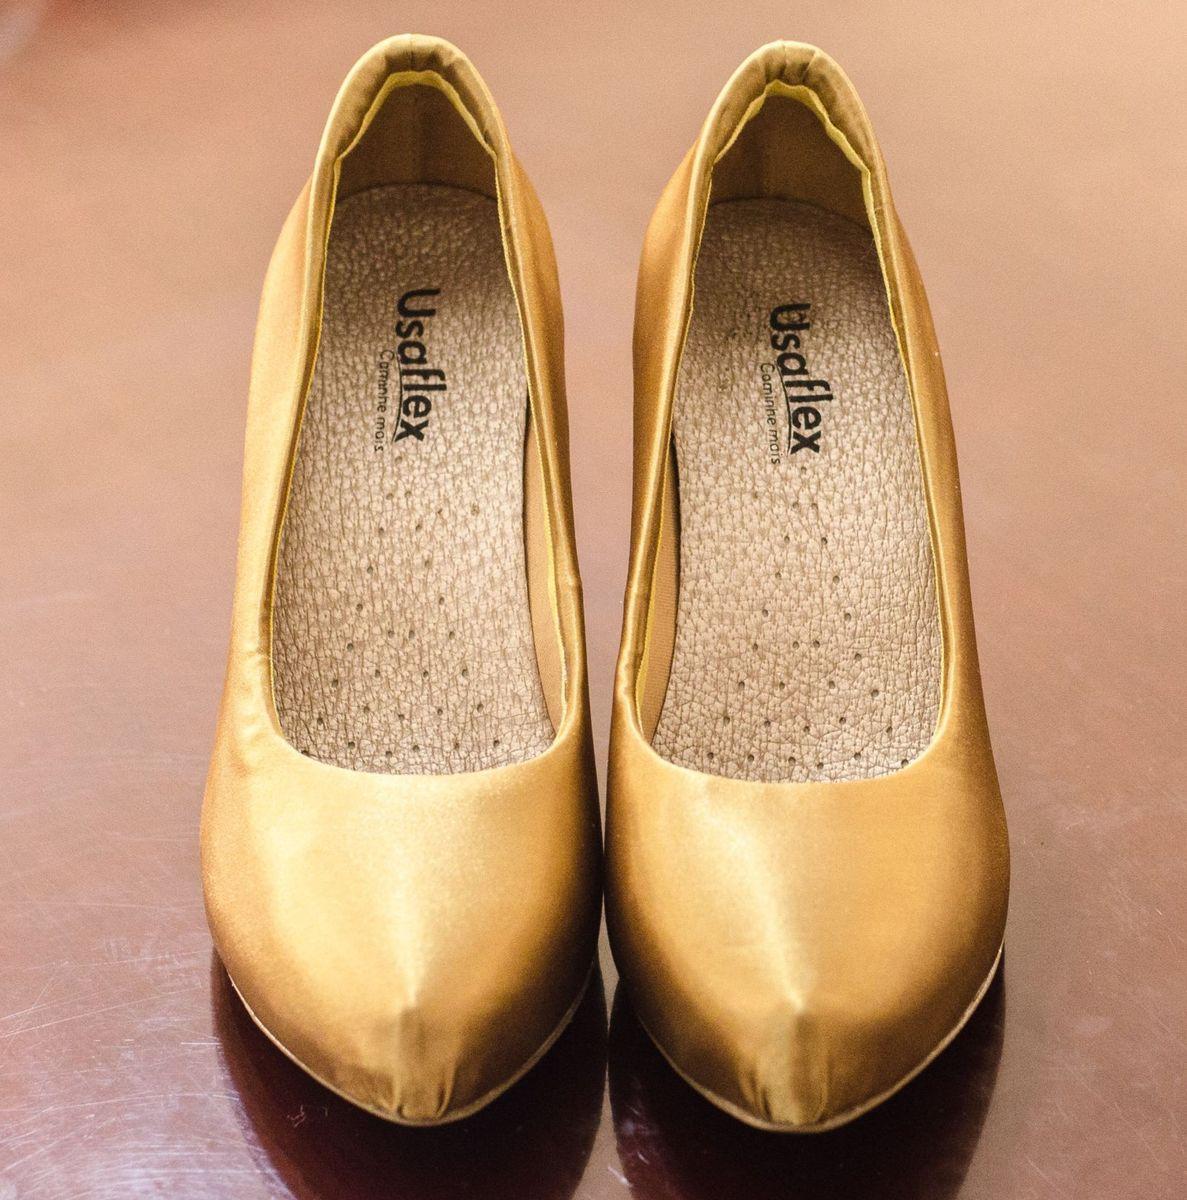 693b6f900 ... revestido de cetim dourado - sapatos usaflex.  Czm6ly9wag90b3muzw5qb2vplmnvbs5ici9wcm9kdwn0cy83ndkxmjk2lzkxmwi2zmu4zjy1owy2odrjnwi3ndi4otrkogrlytm3lmpwzw